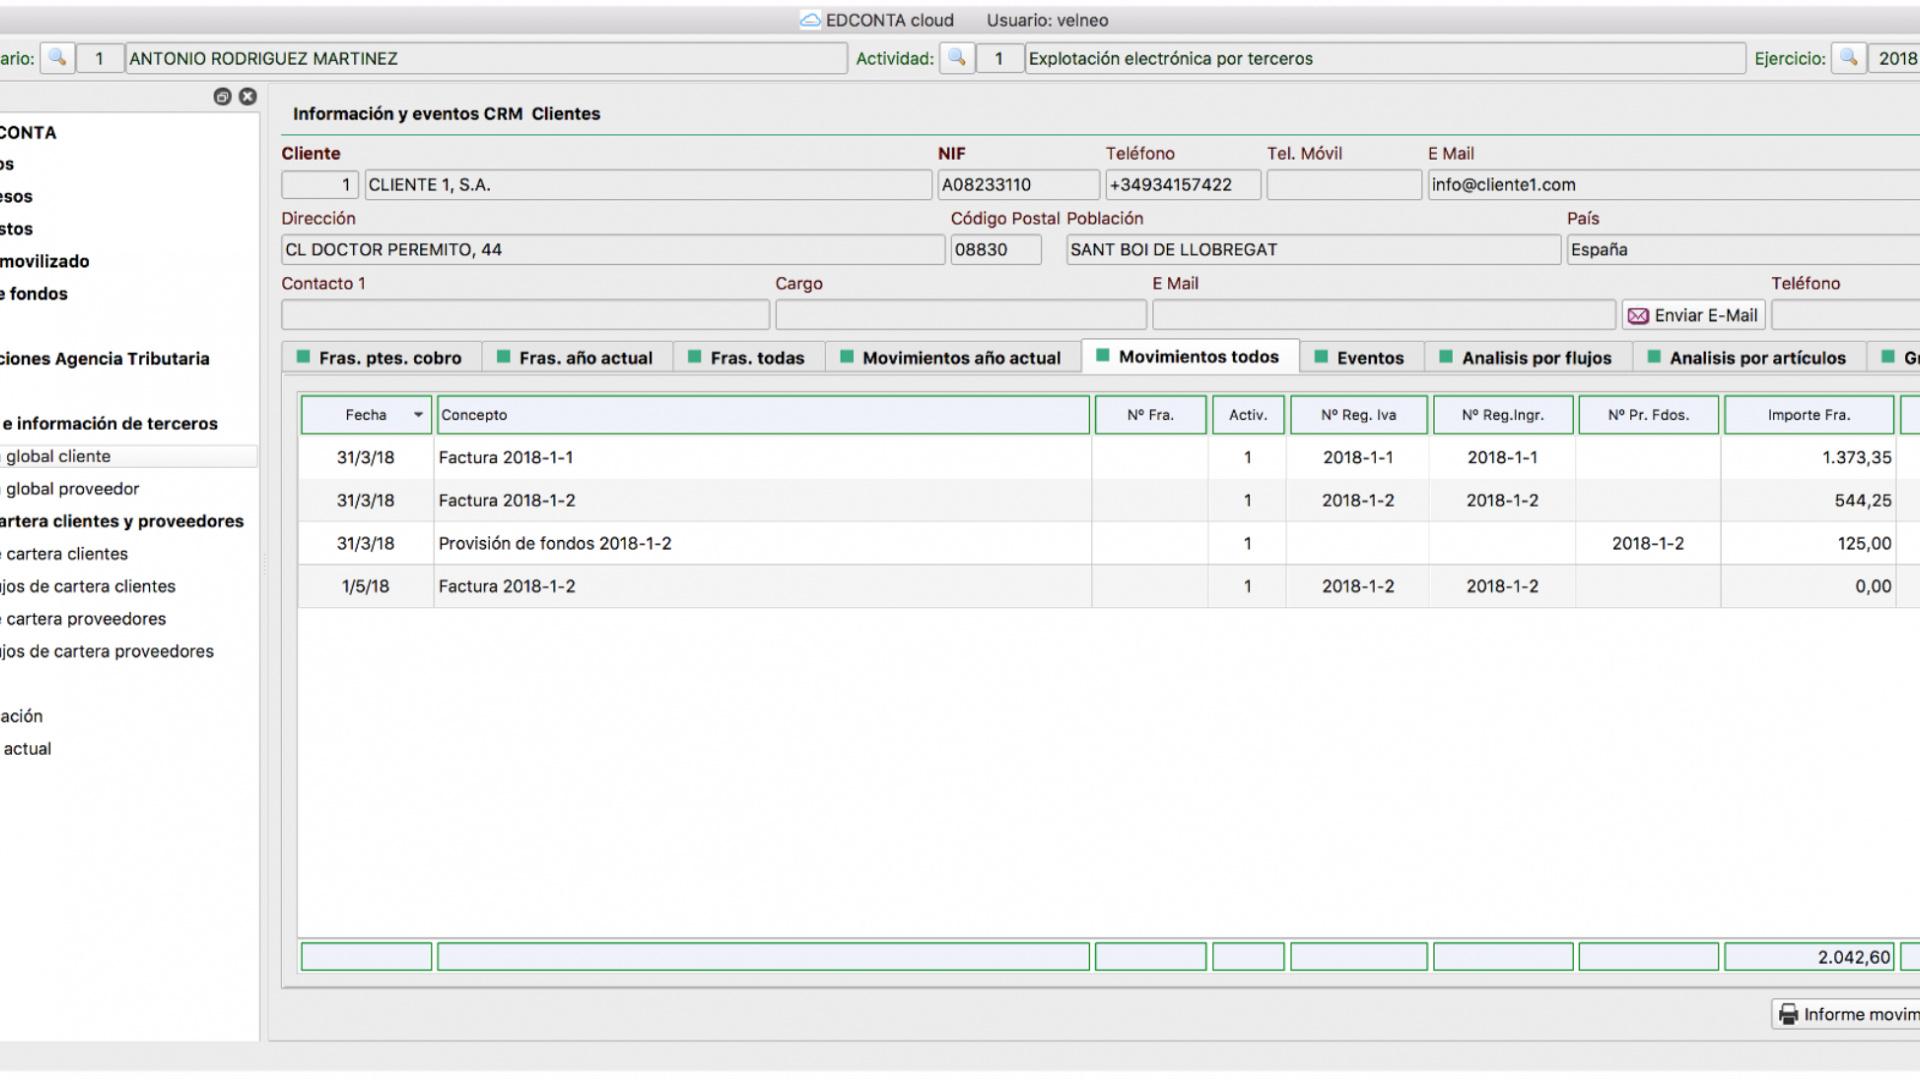 EDCONTA cloud - Autónomos y profesionales